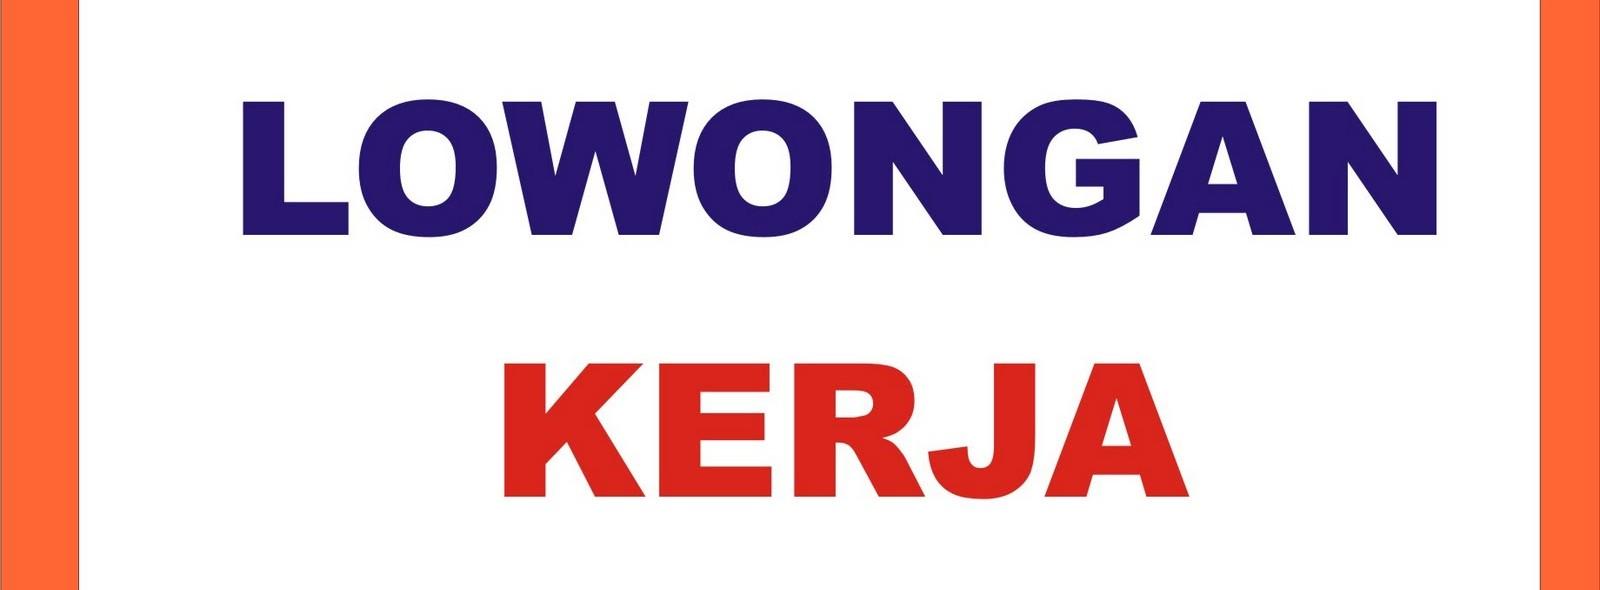 Lowongan Administrasi Bekasi Lowongan Kerja Daerah Bekasi Terbaru Depnaker Juni 2016 Lowongan Pkh Kemsos Pusat Info Bumn Cpns 2015 Share The Knownledge